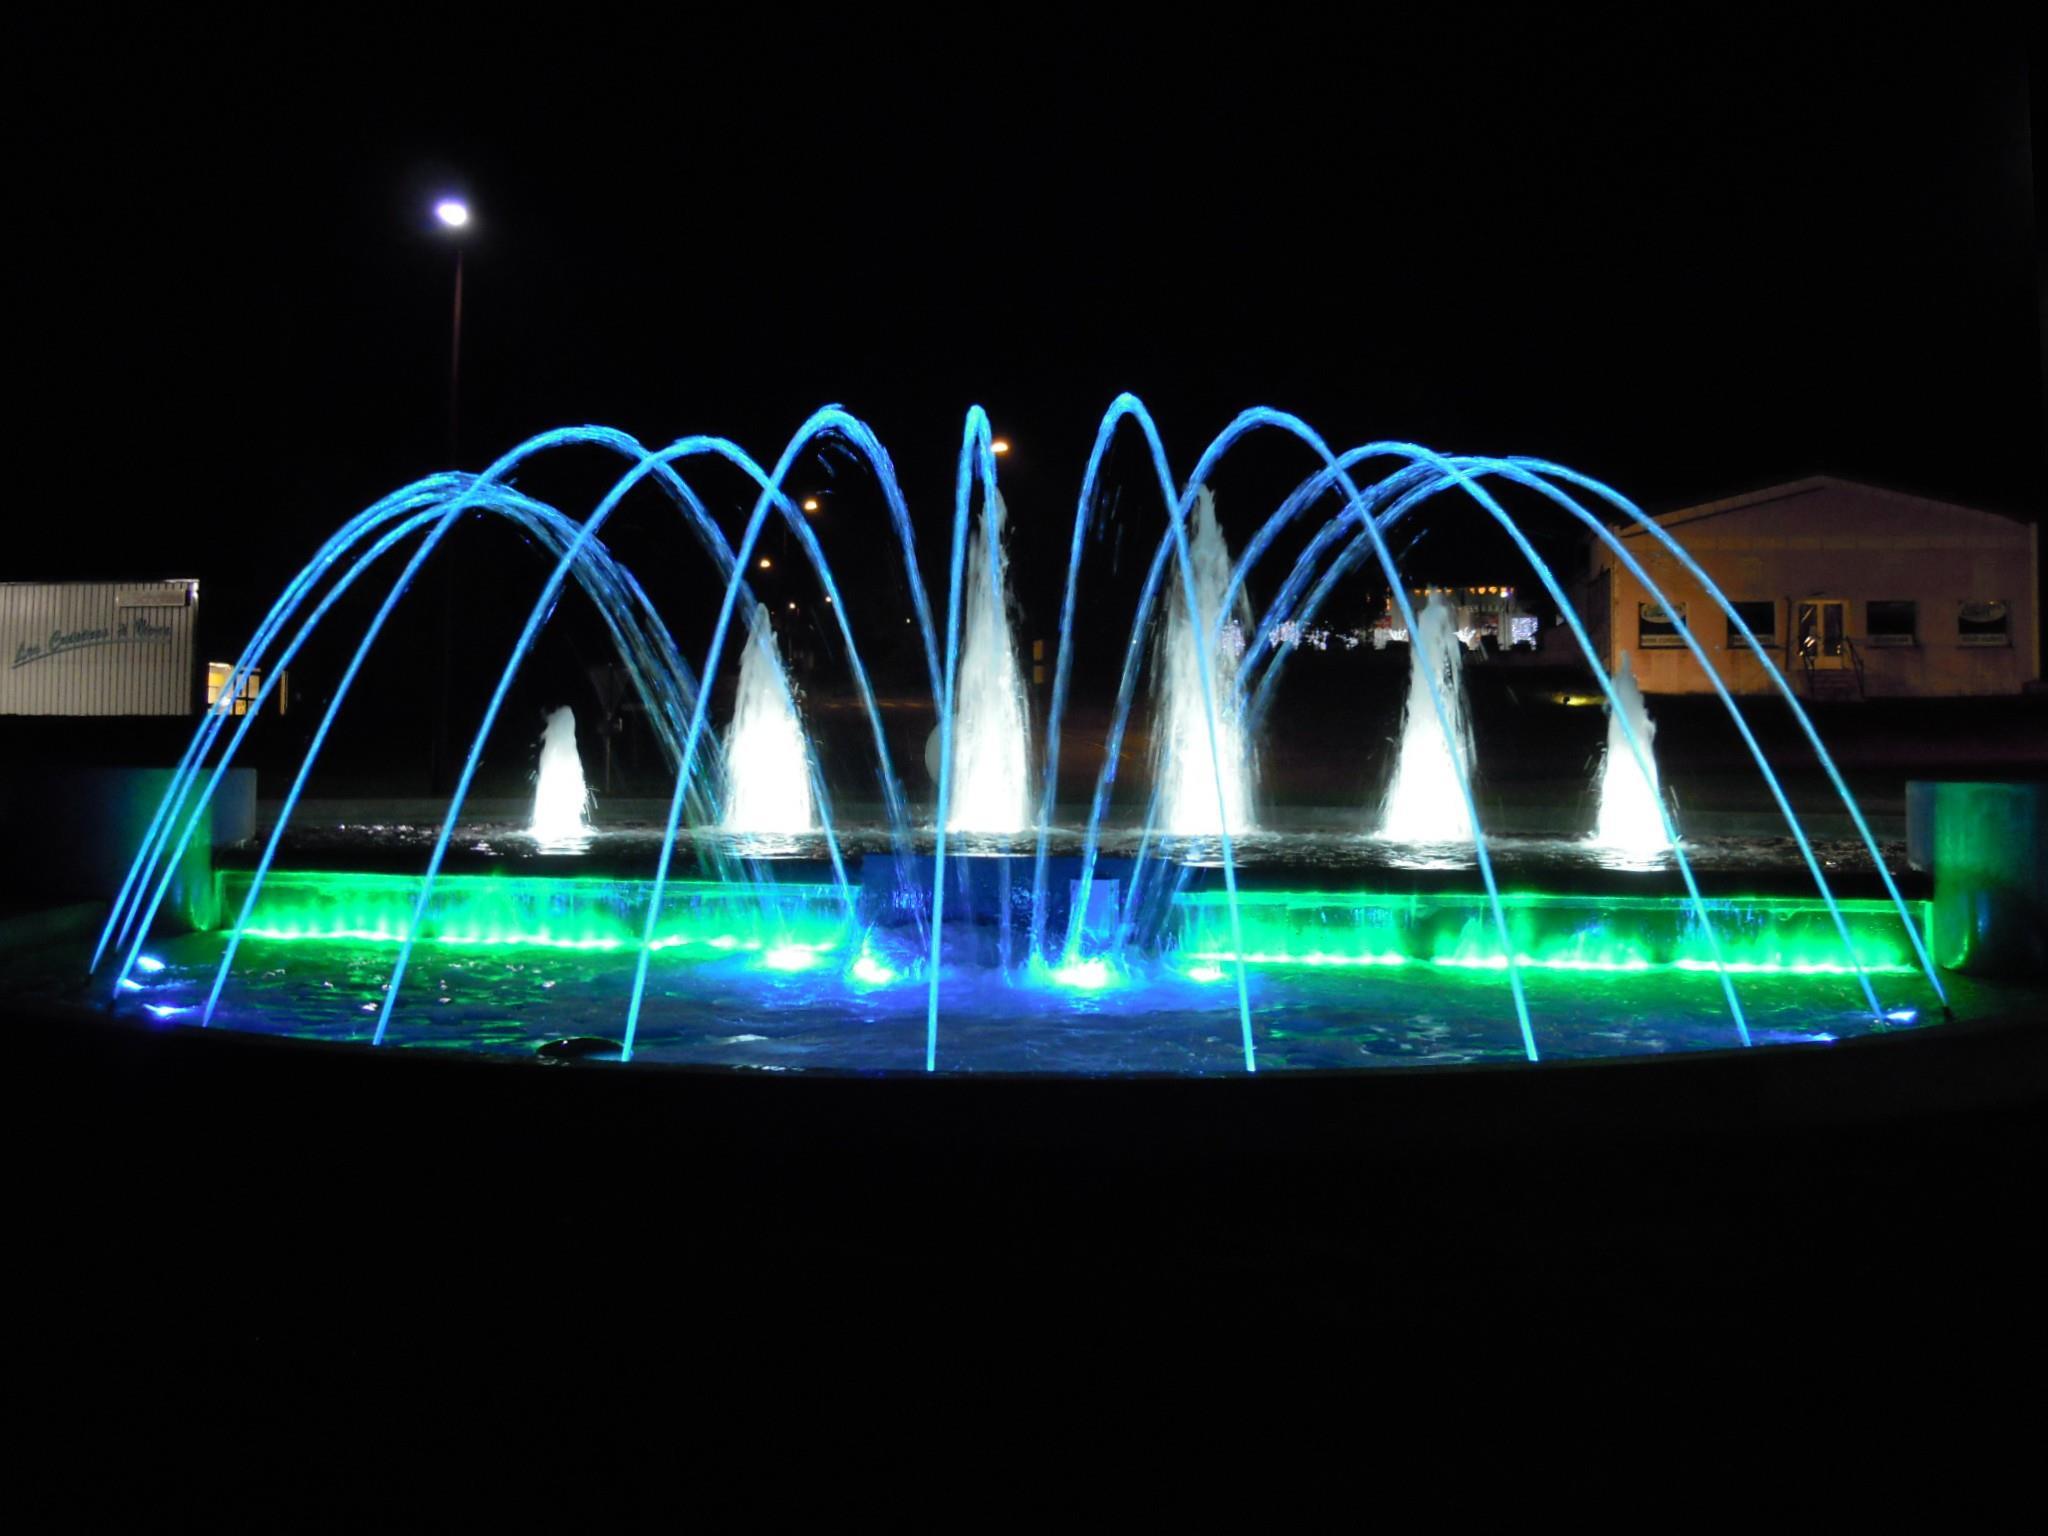 Mise en valeur de la fontaine par un éclairage par projecteurs à LEDS